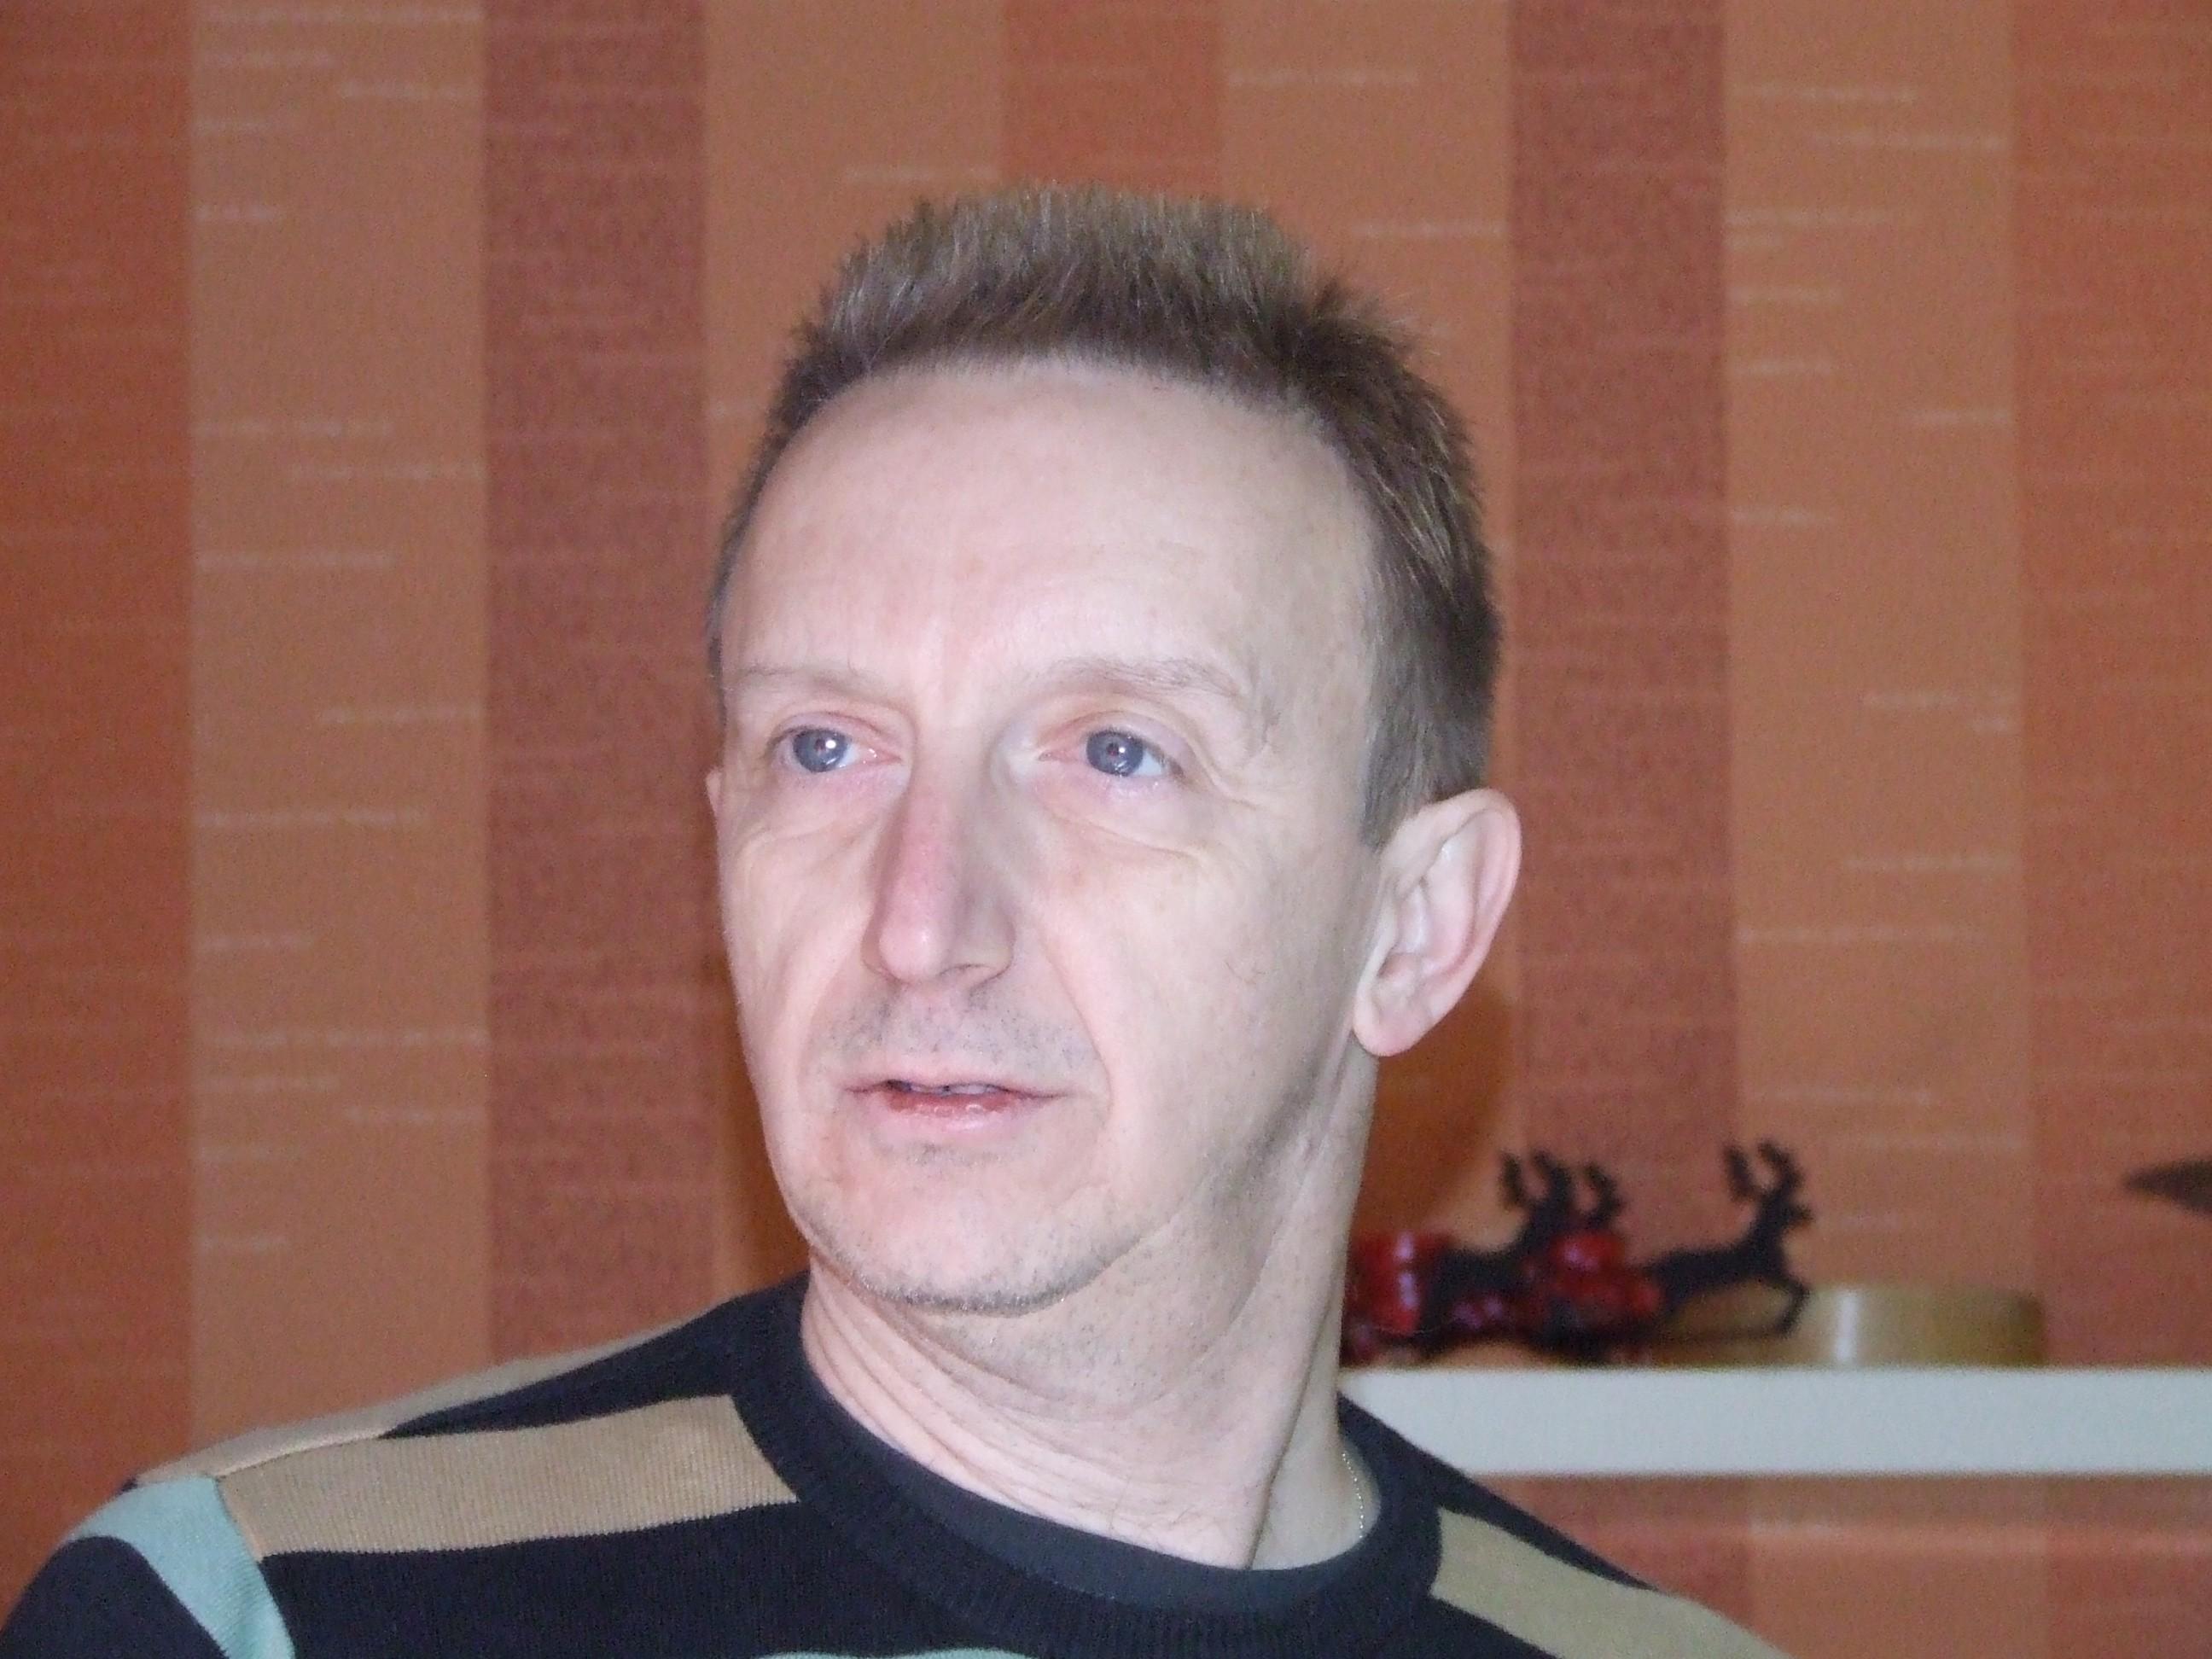 D. GOLL